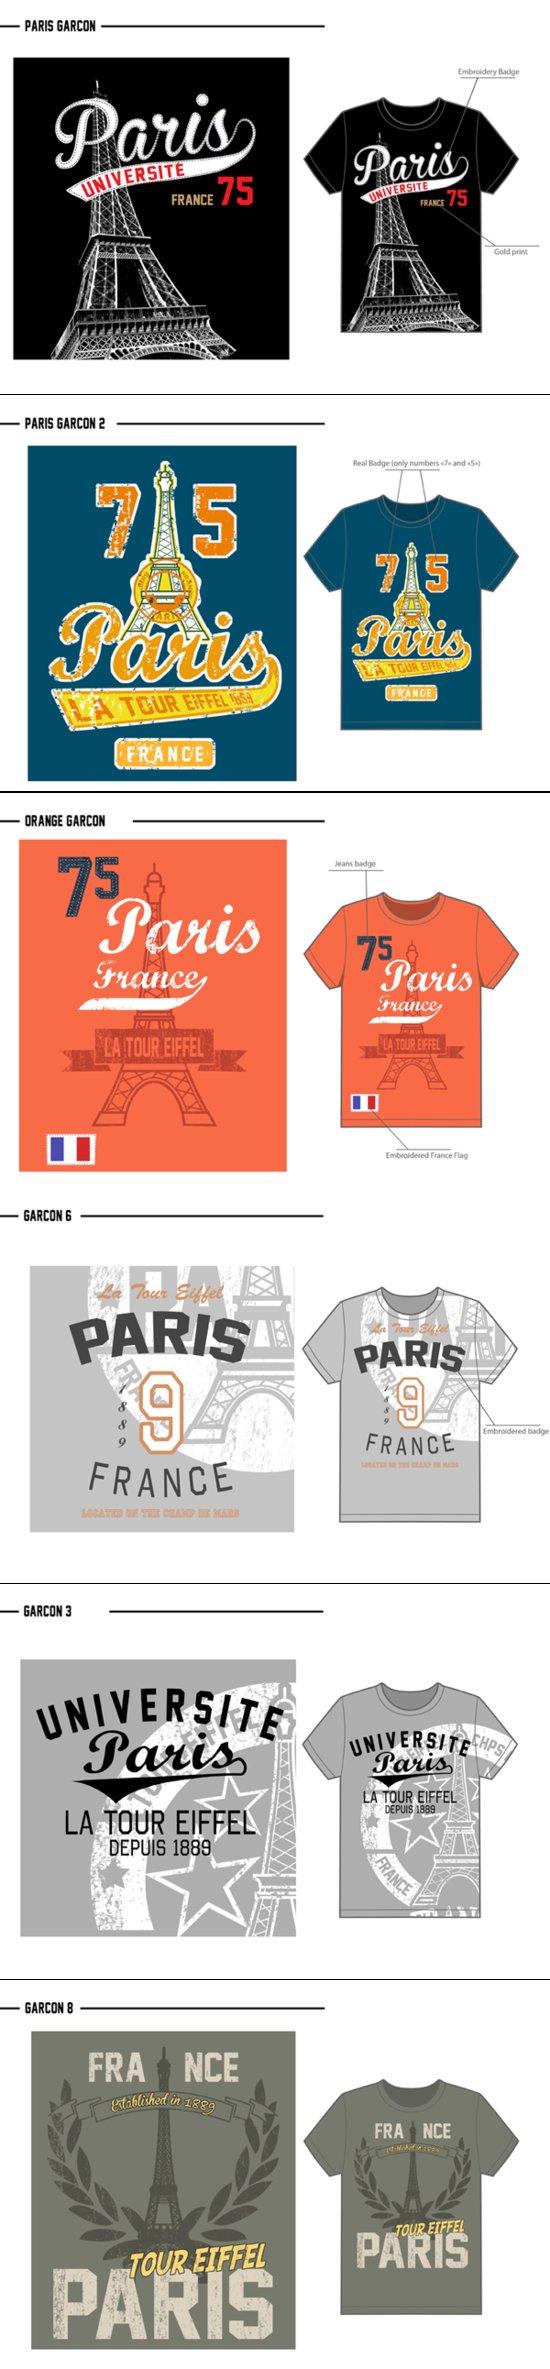 T-shirt Collection Garçons Ohlala (entreprise de souvenirs de Paris)